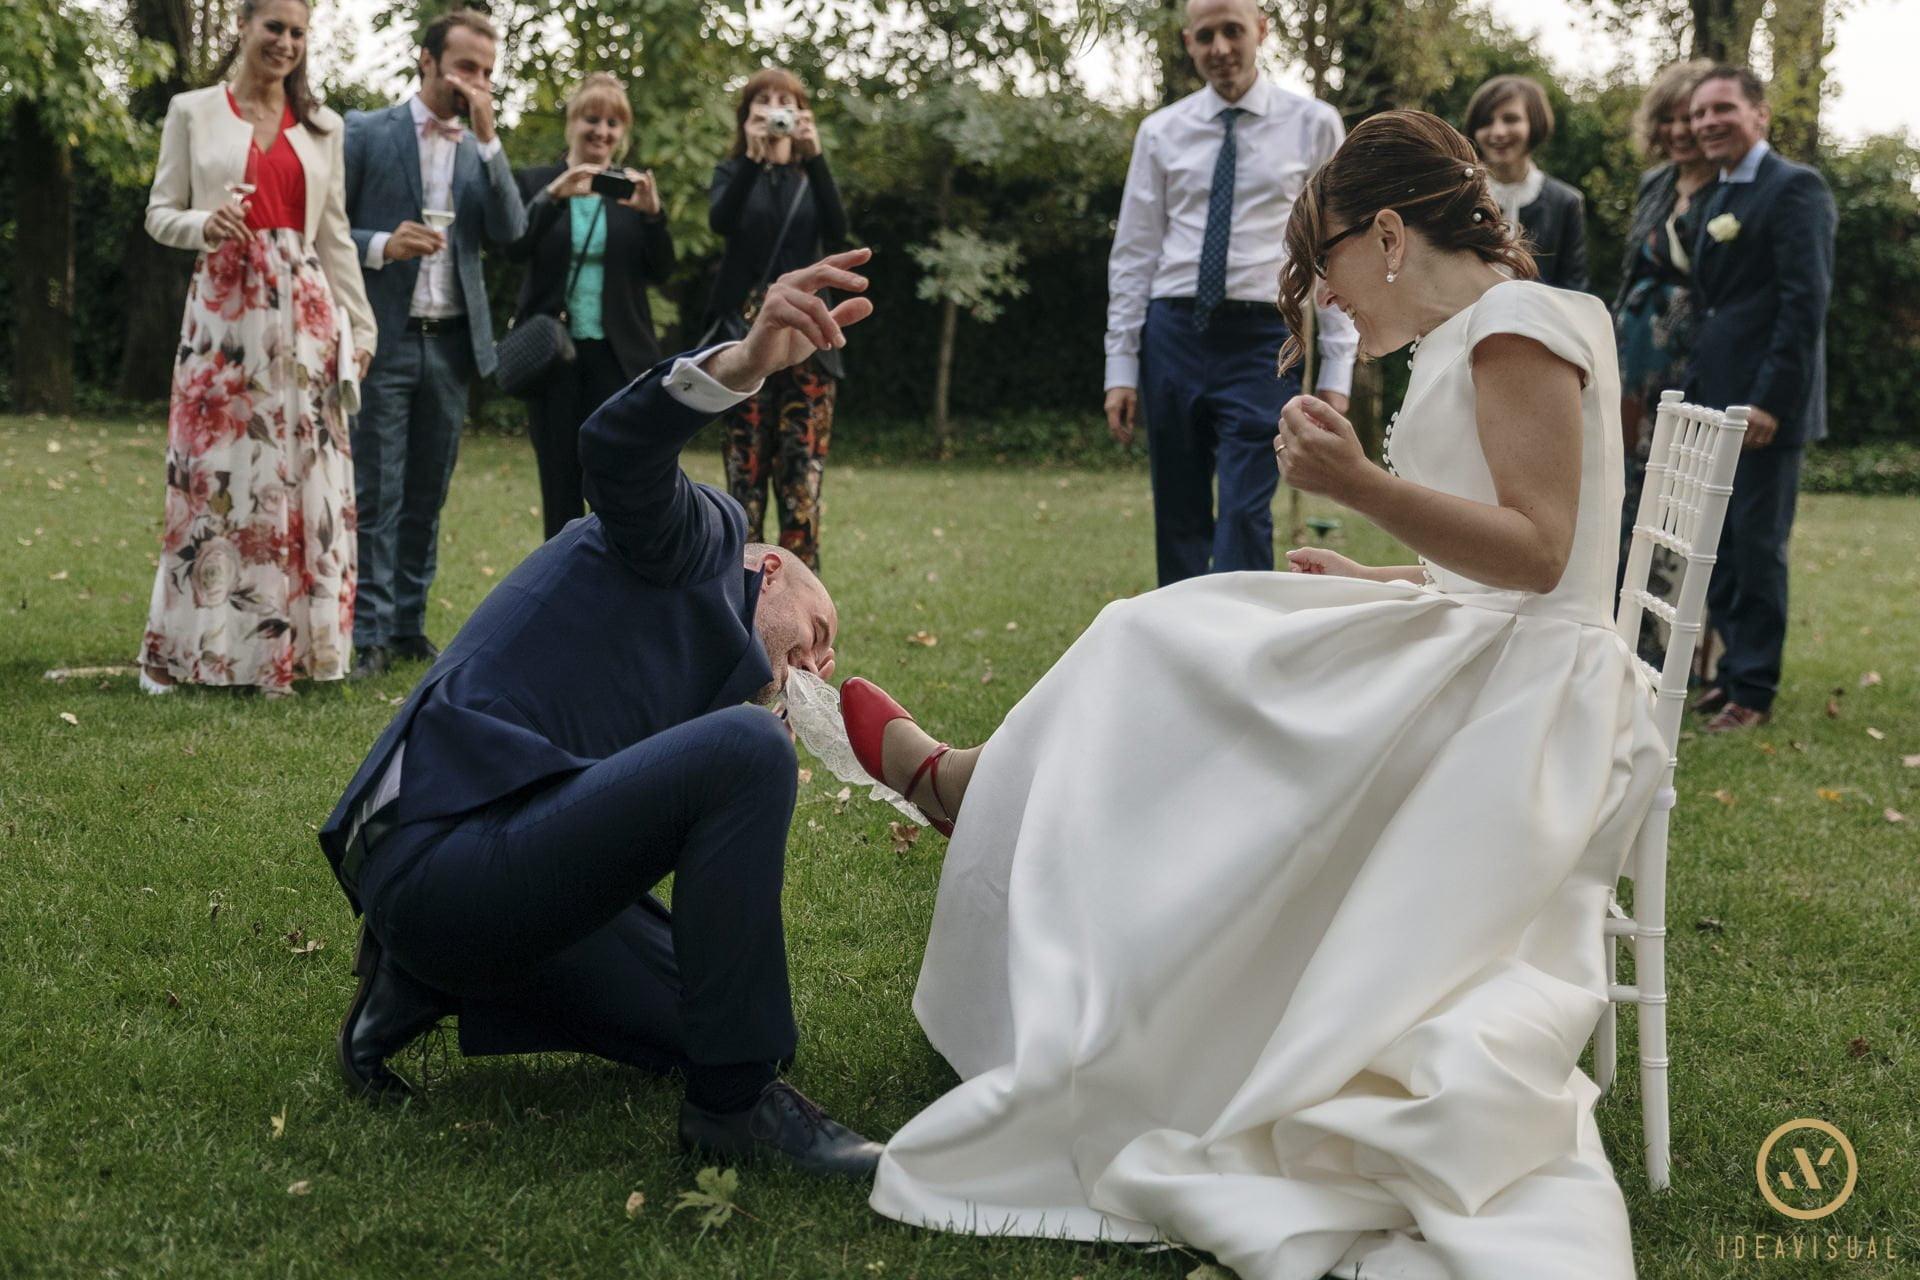 foto giarrettiera matrimonio tenuta polvaro